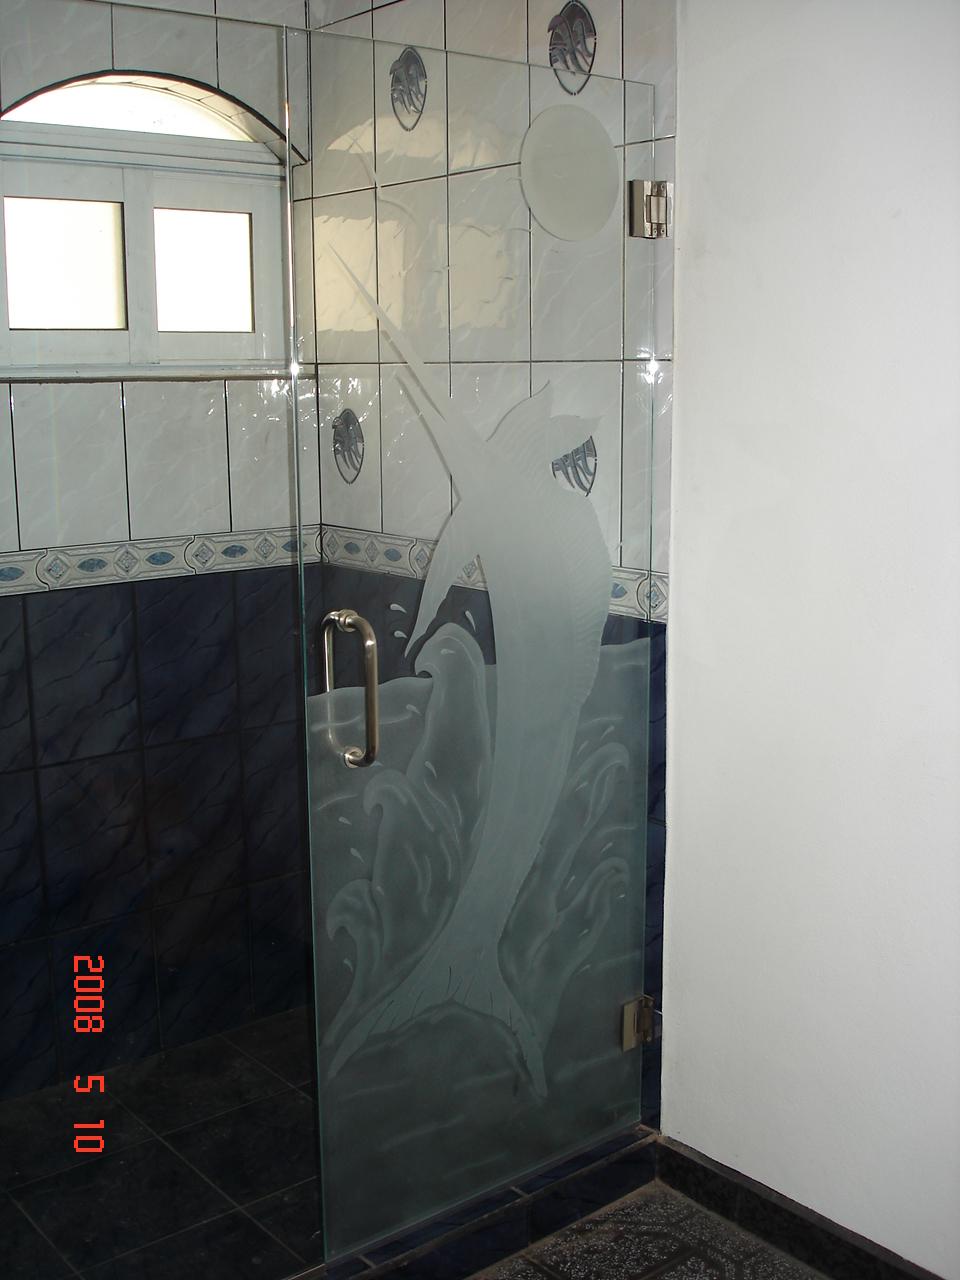 Puertas De Baño Mexicali:arenados y vitrales: puertas de baño con y sin diseño arenado